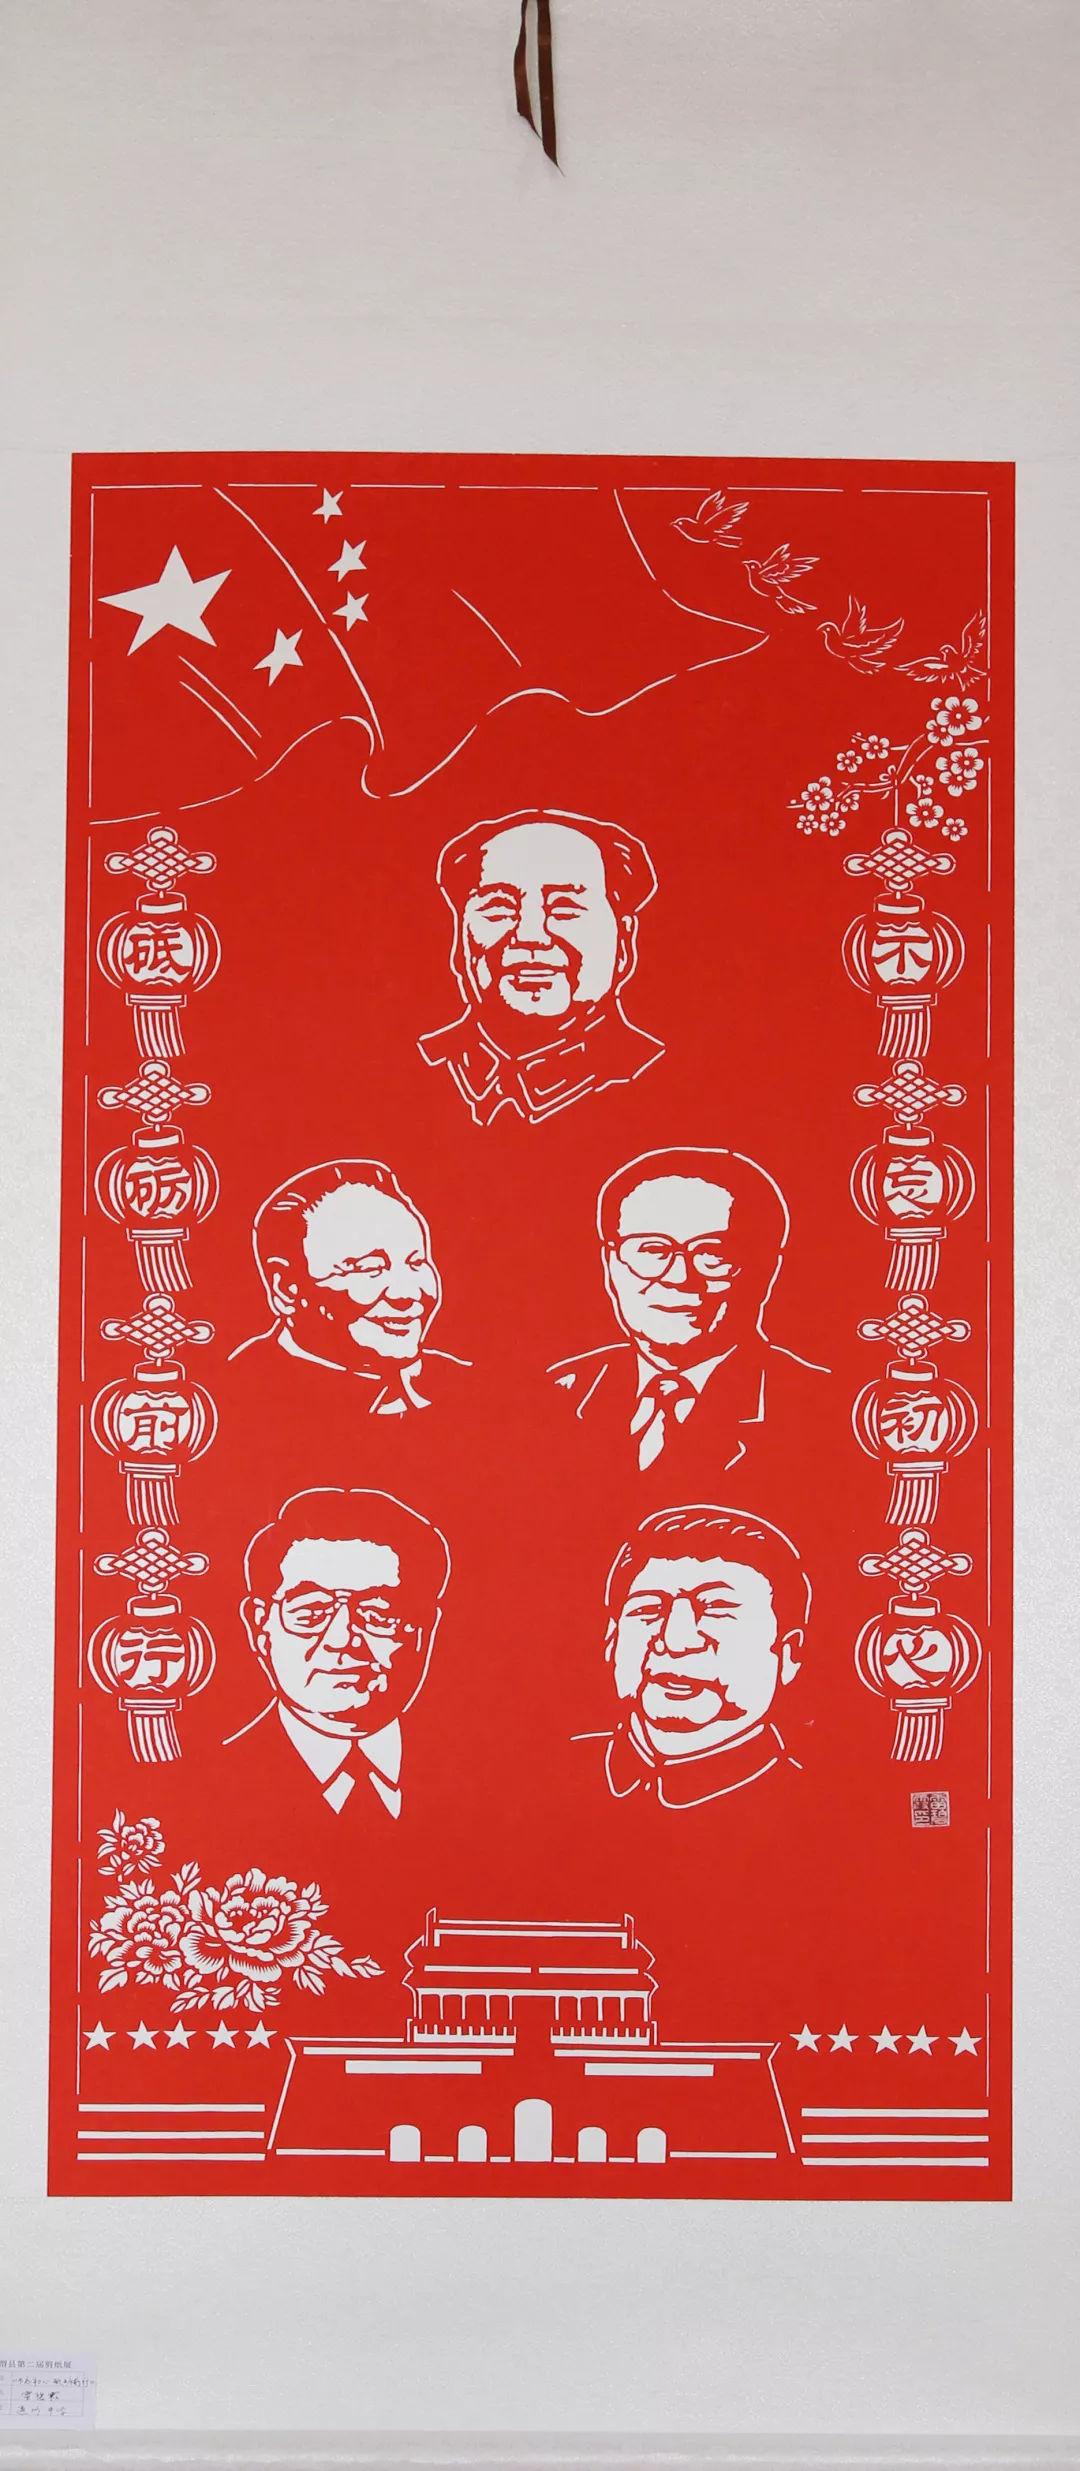 千秋巨变 喜迎建国70周年全县剪纸展暨通渭县第二届剪纸大赛